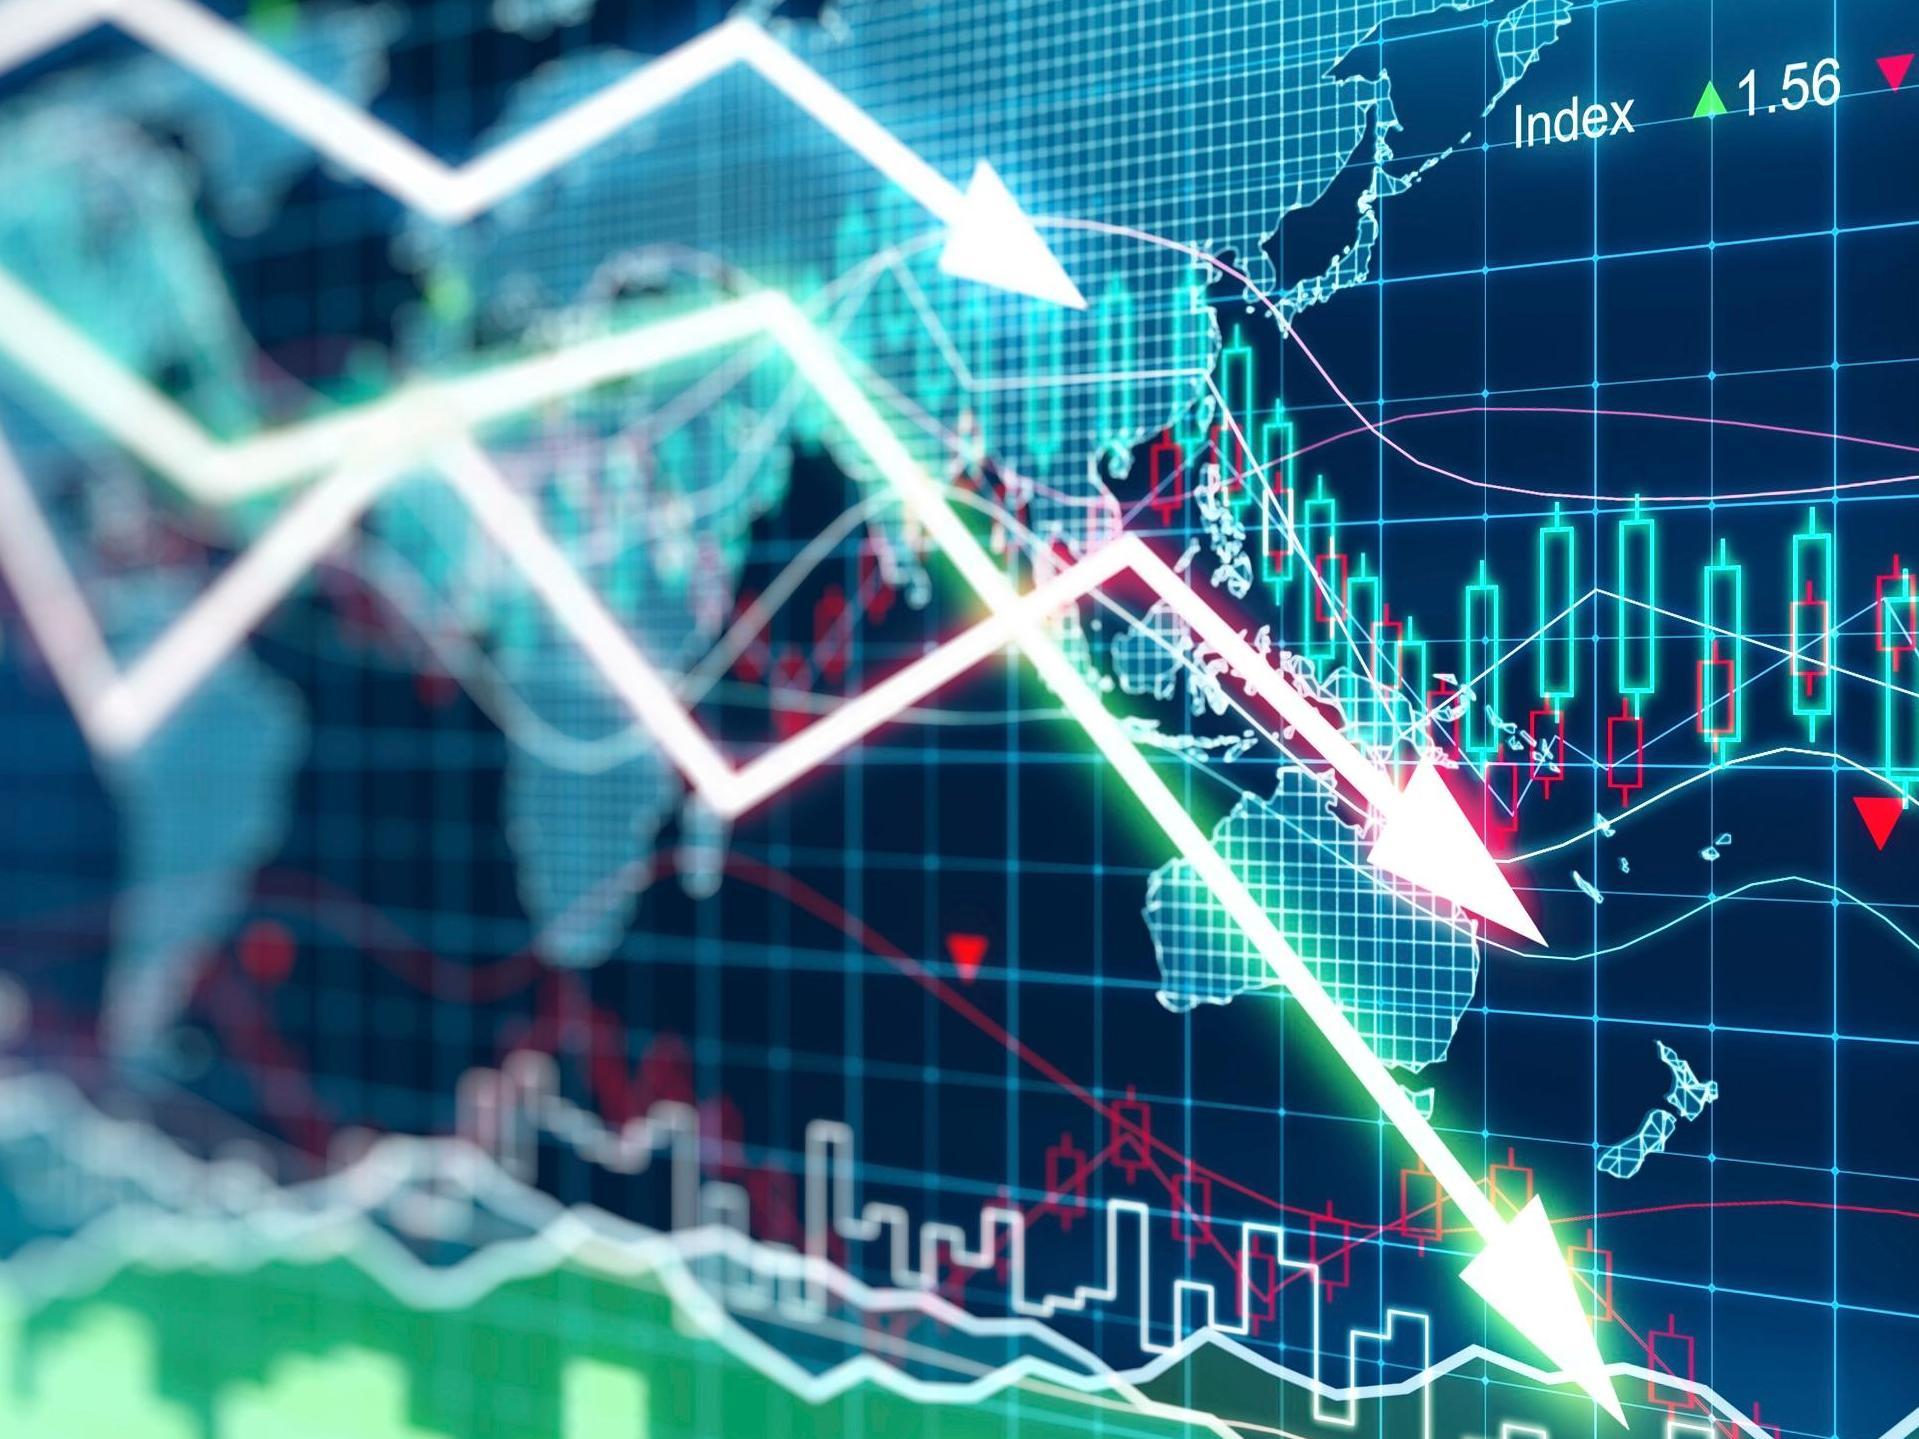 Le cycle économique de la peur: la panique contribuerait-elle à déclencher une prochaine crise économique ?